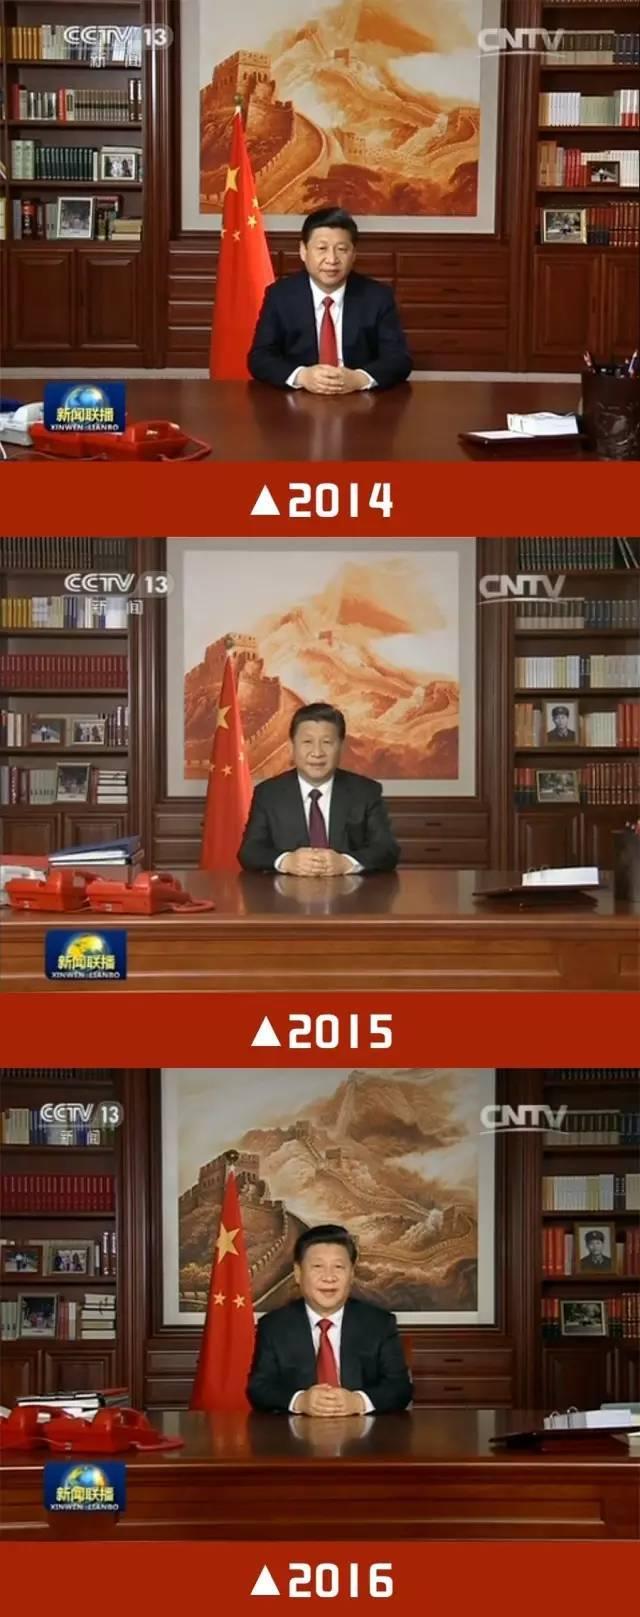 过去三年习主席的新年贺词透露了什么?你都看懂了吗?